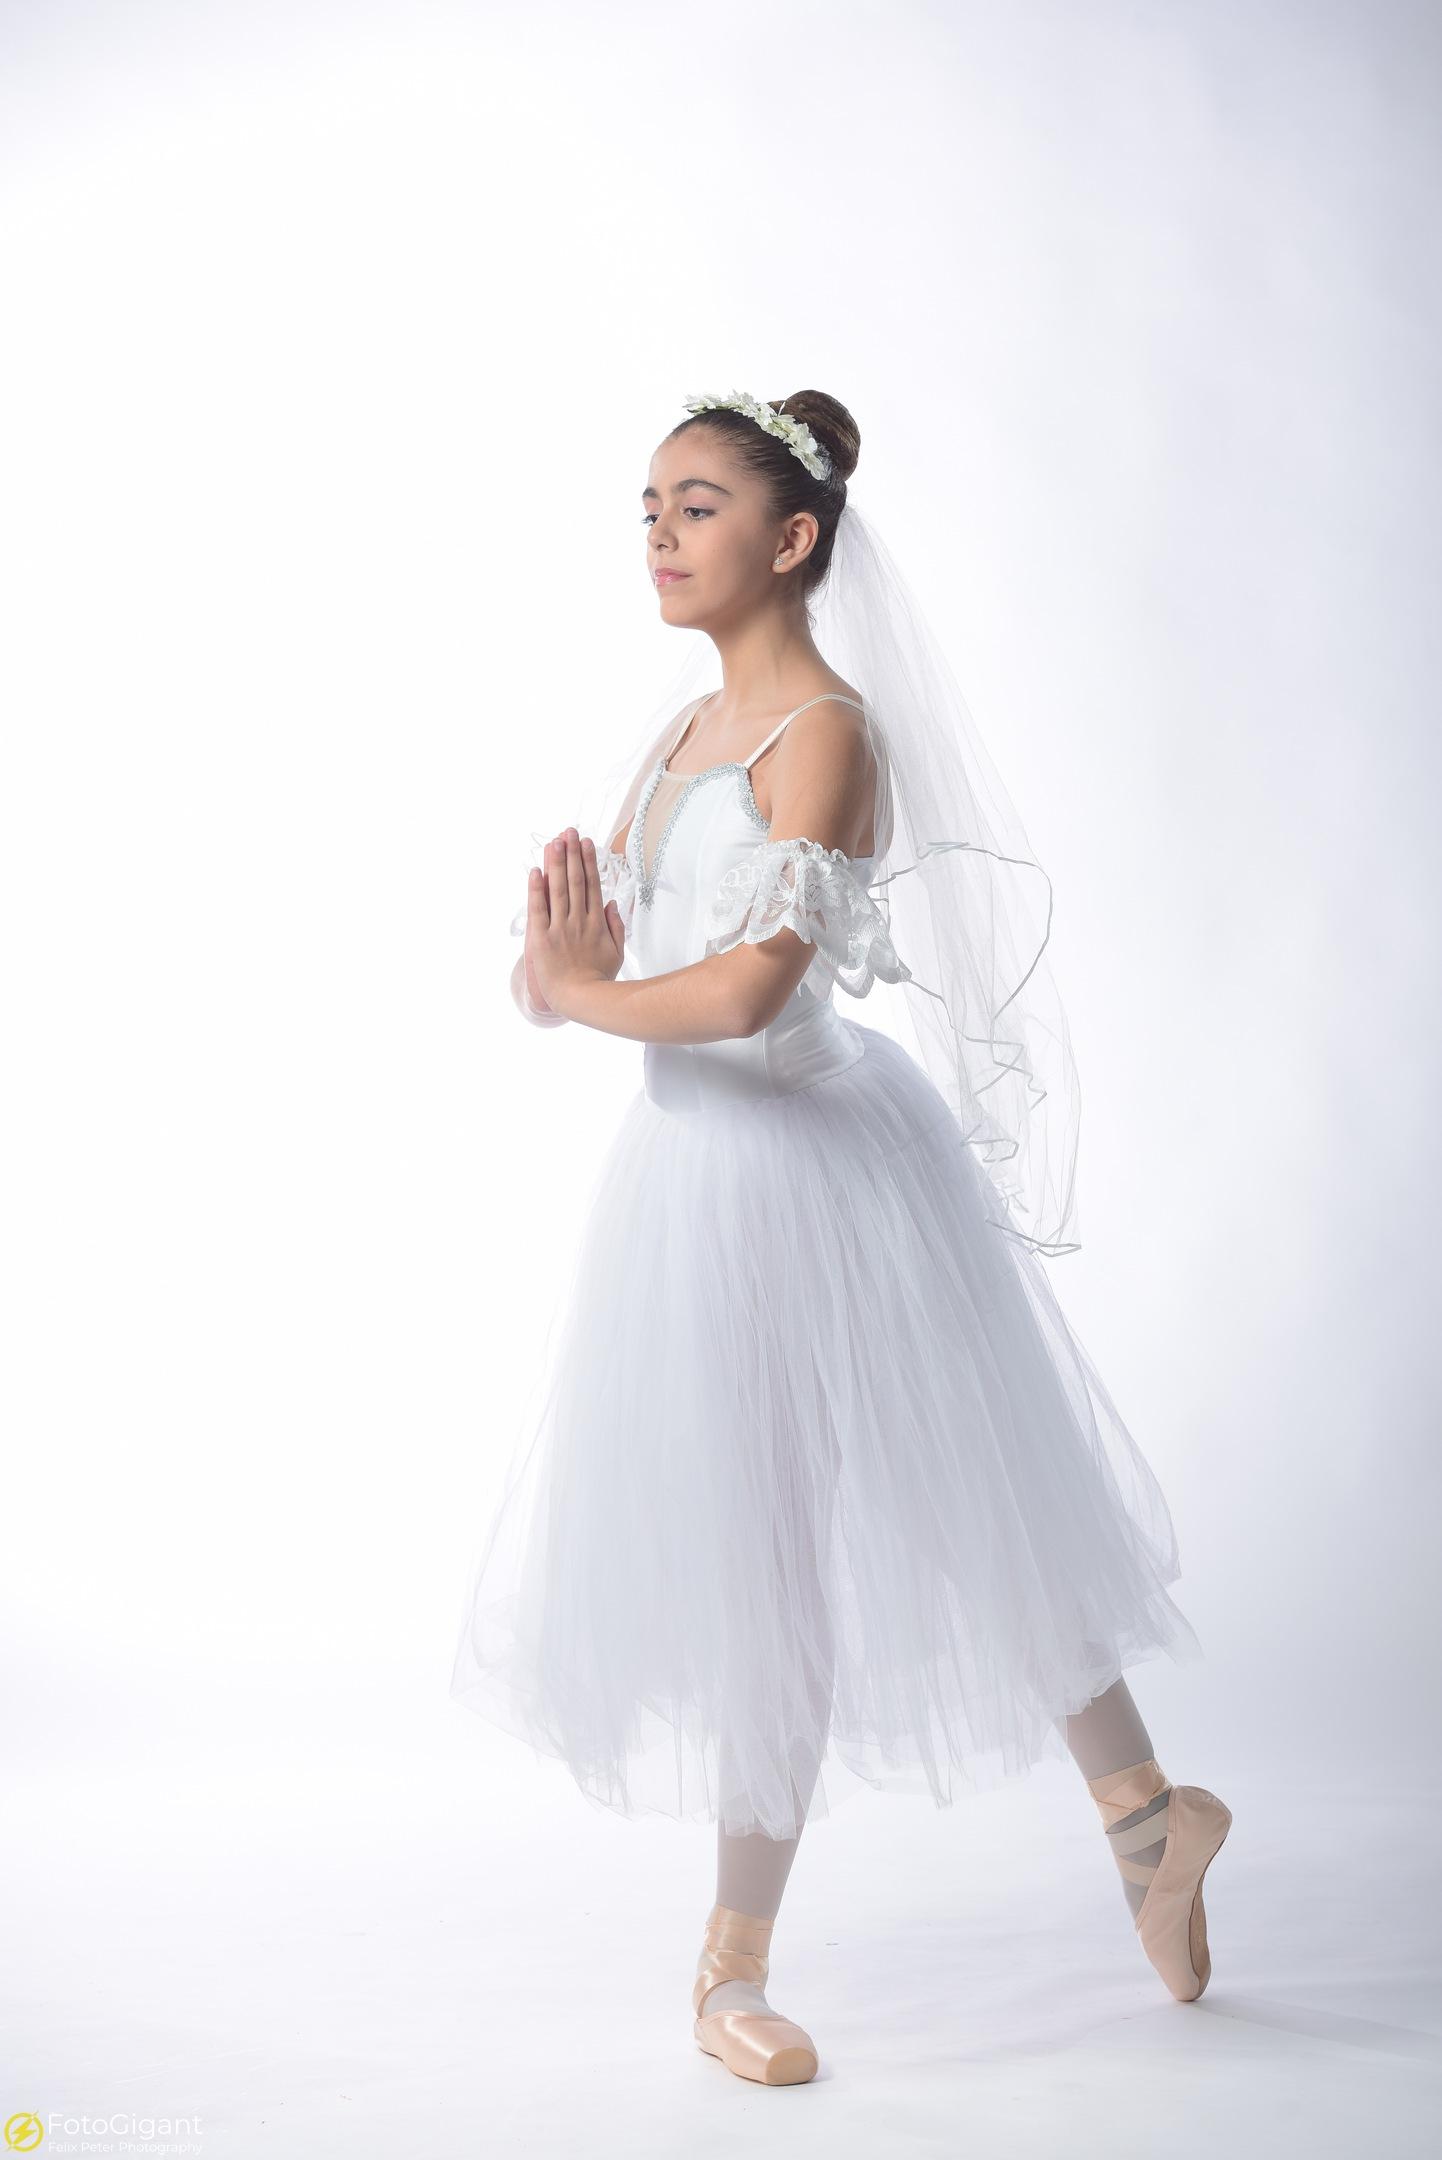 Ballett-Akademie_Luzern_30.jpg